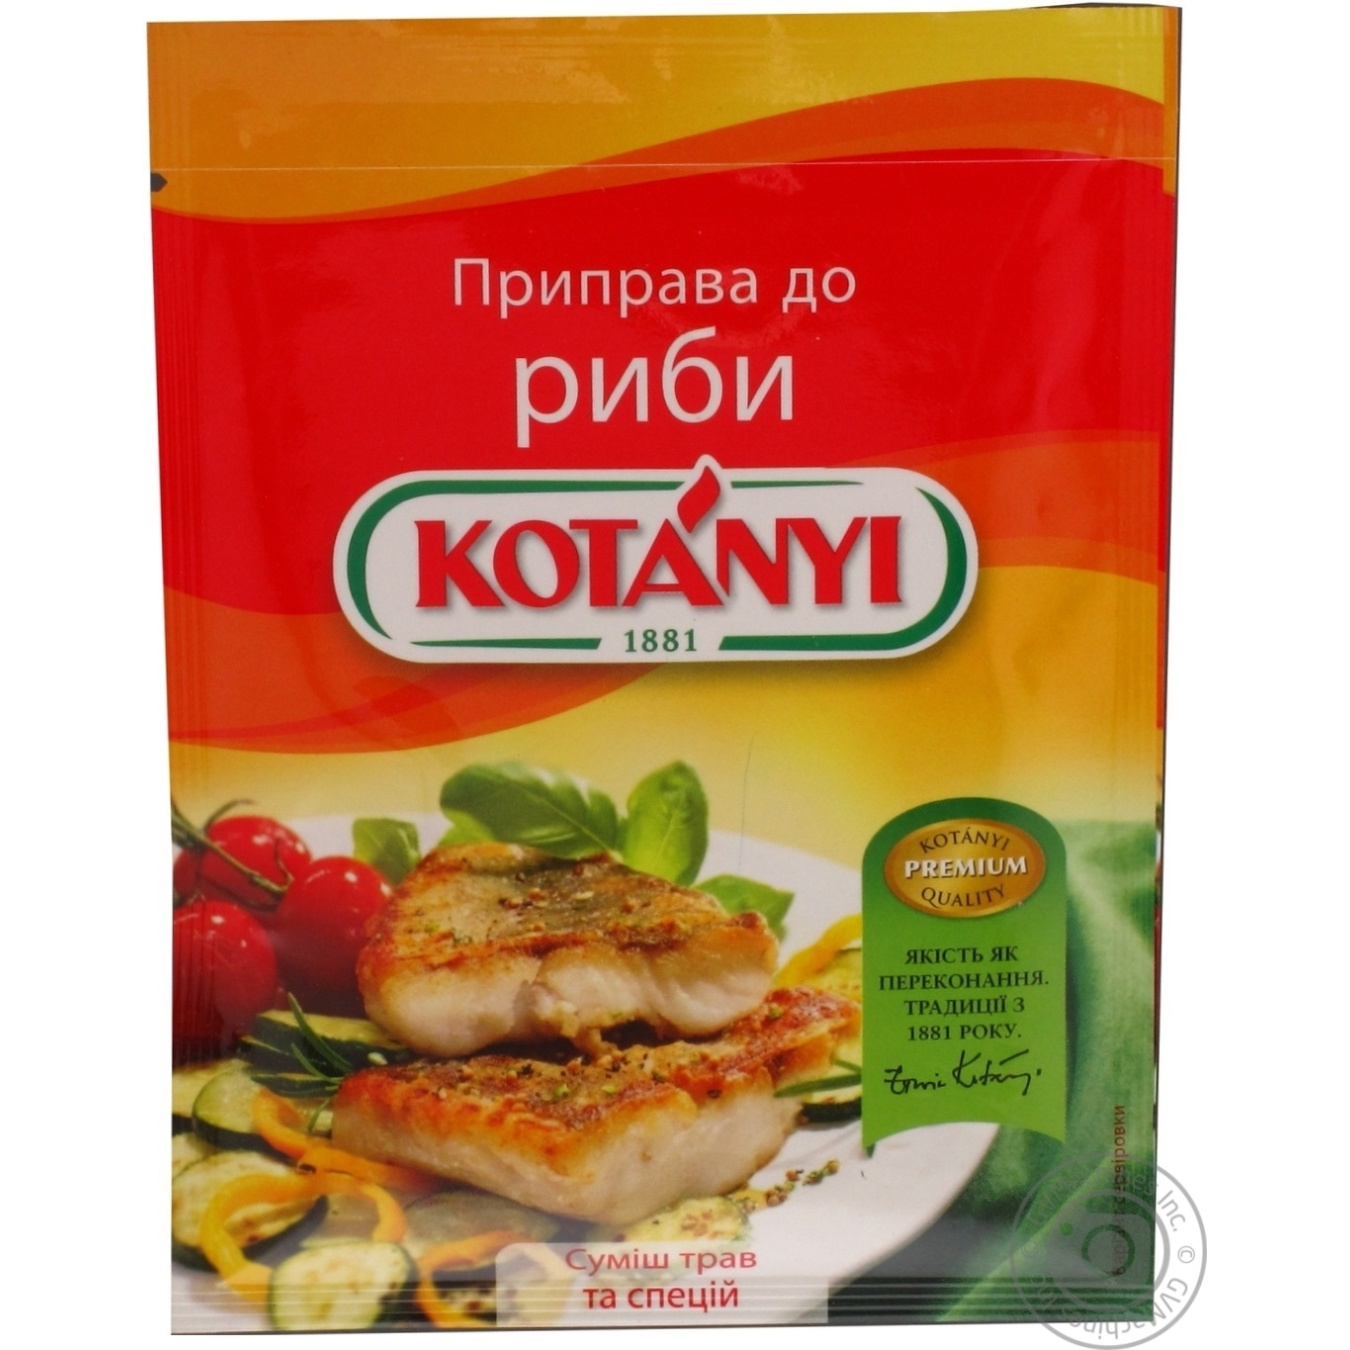 Приправа Котани для рыбы 26г